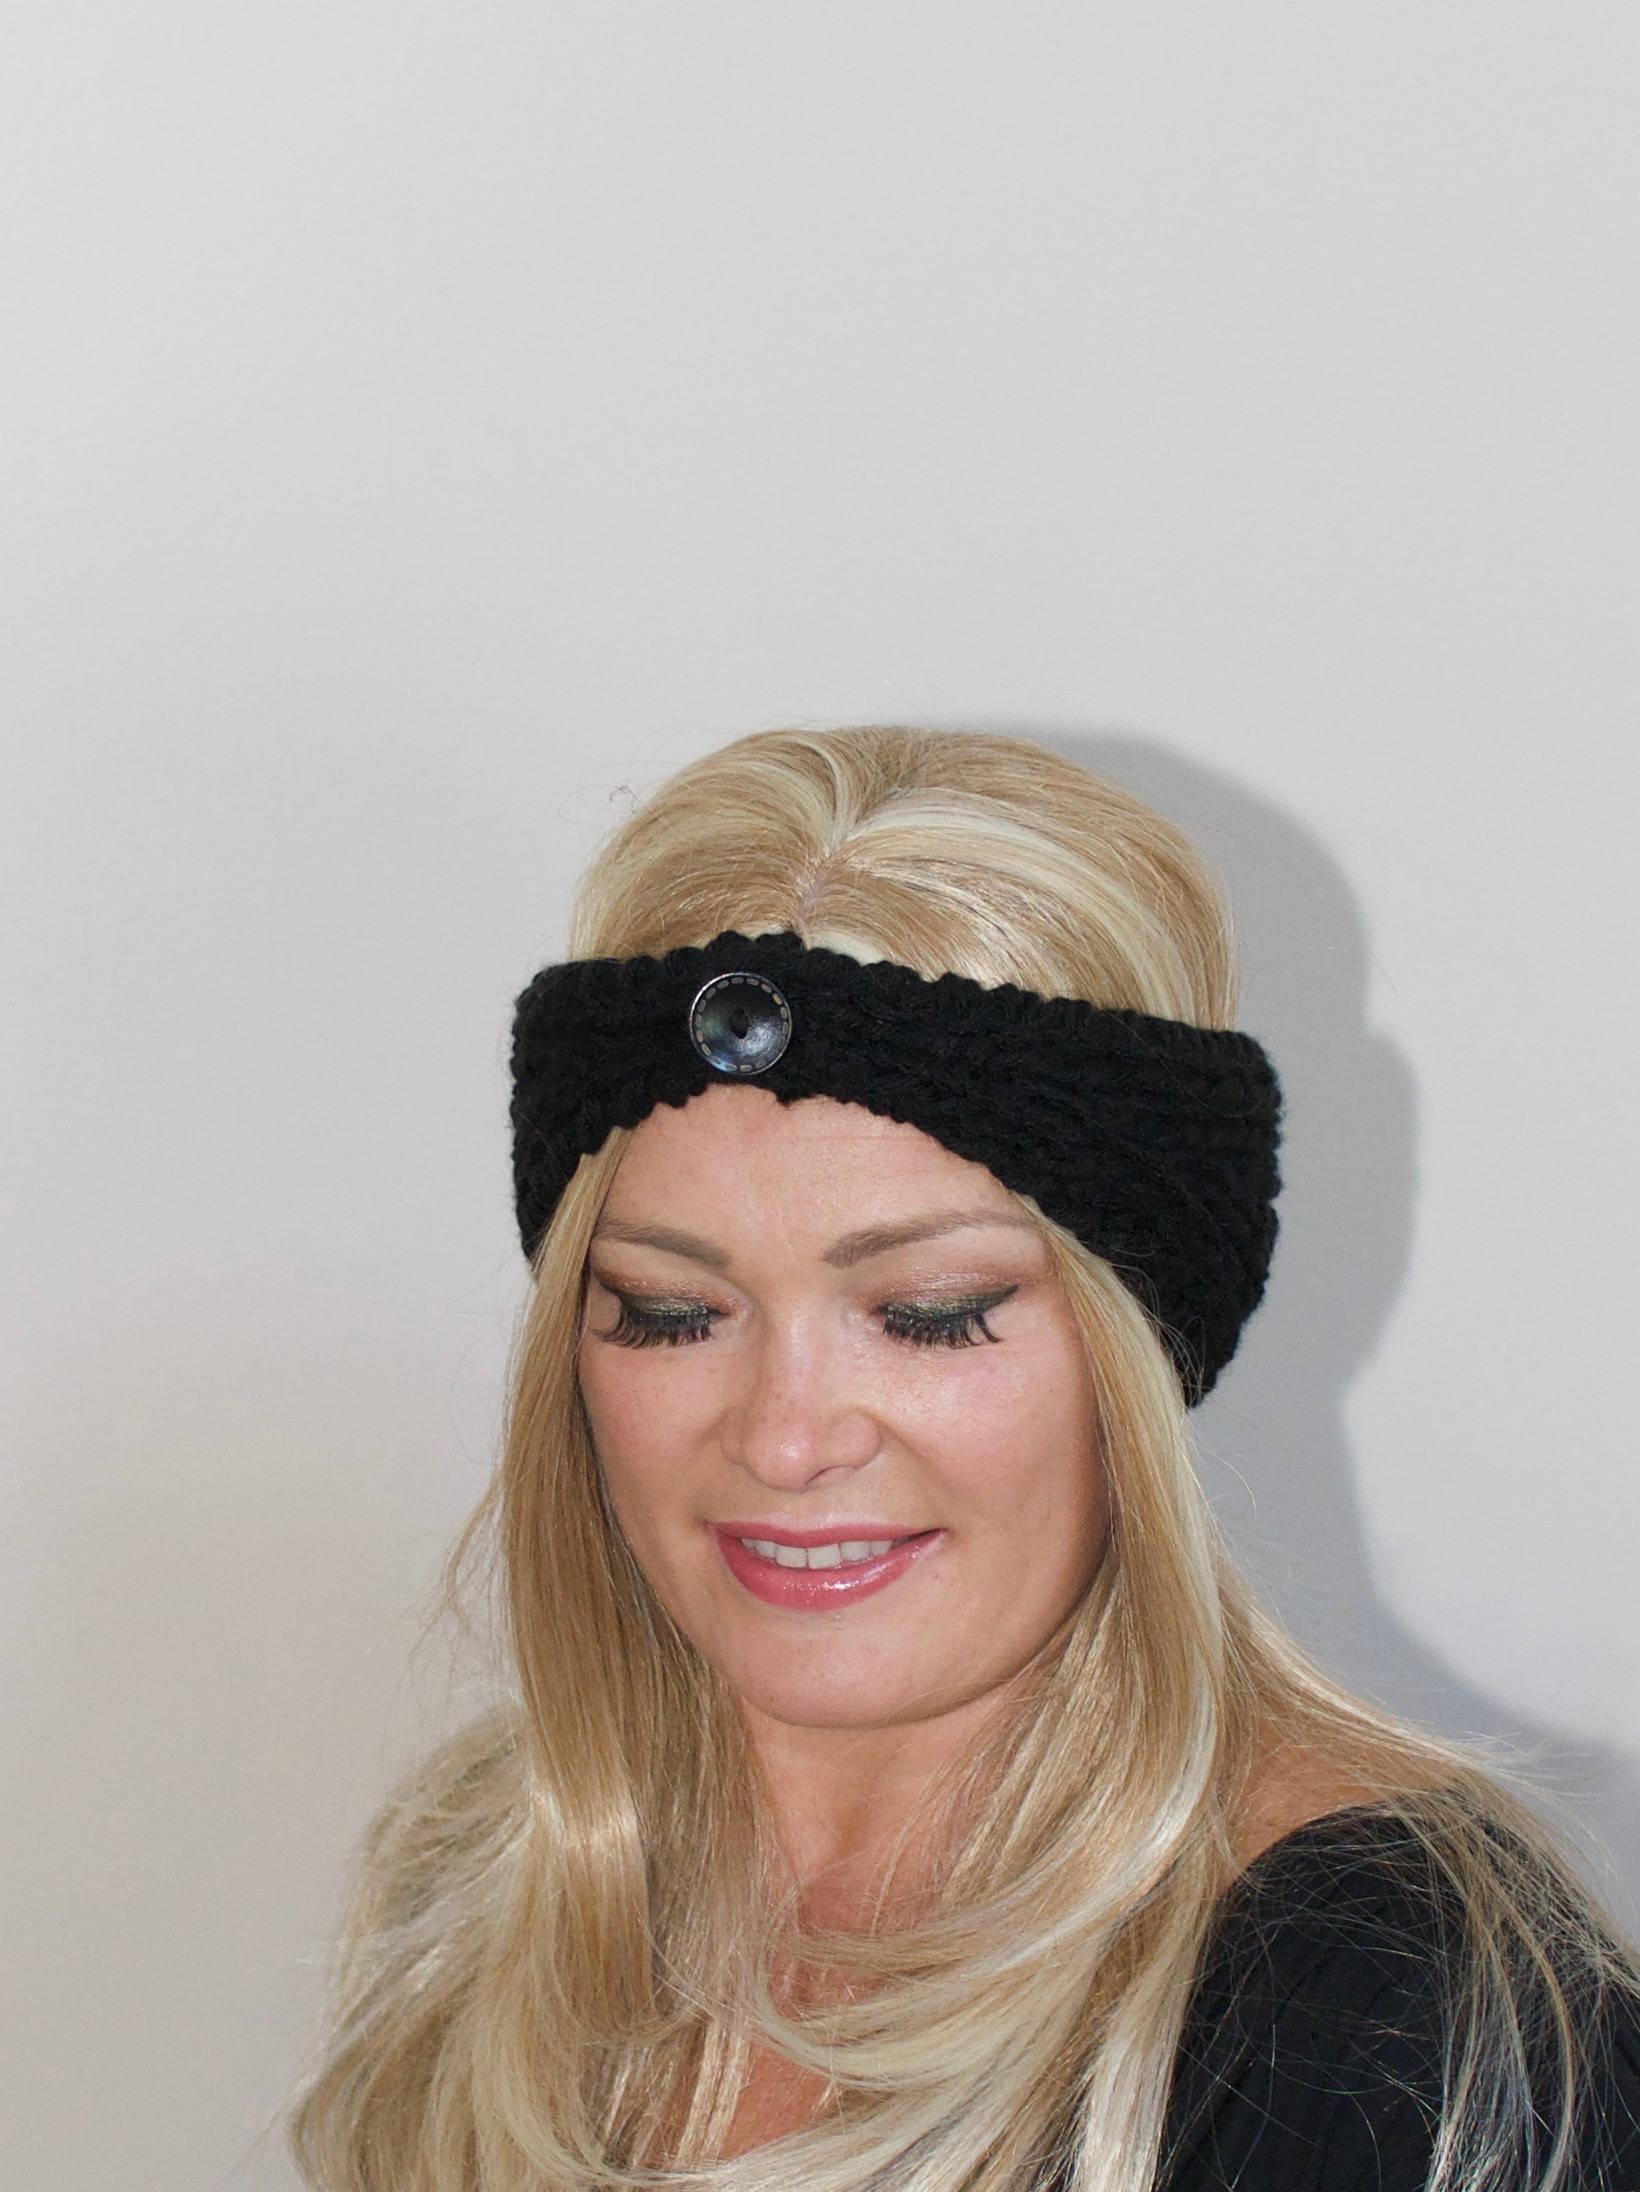 Winter Stirnband Stirnband schwarz stricken Kopftuch wählen